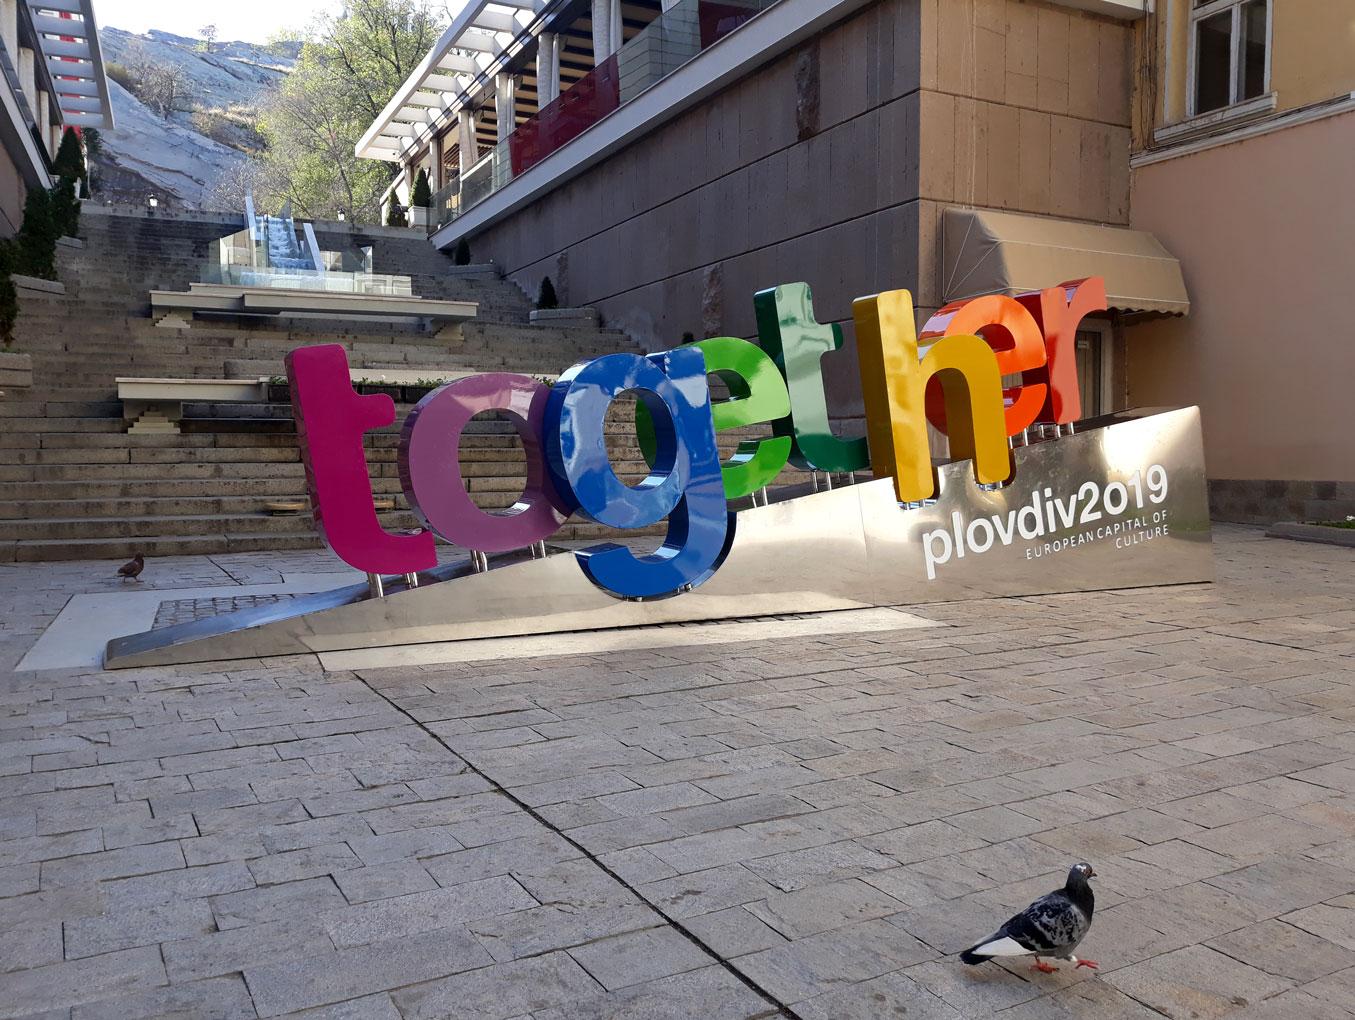 """Мониторинг на реализацията на инициативата """"Пловдив 2019 – Европейска столица на културата"""""""